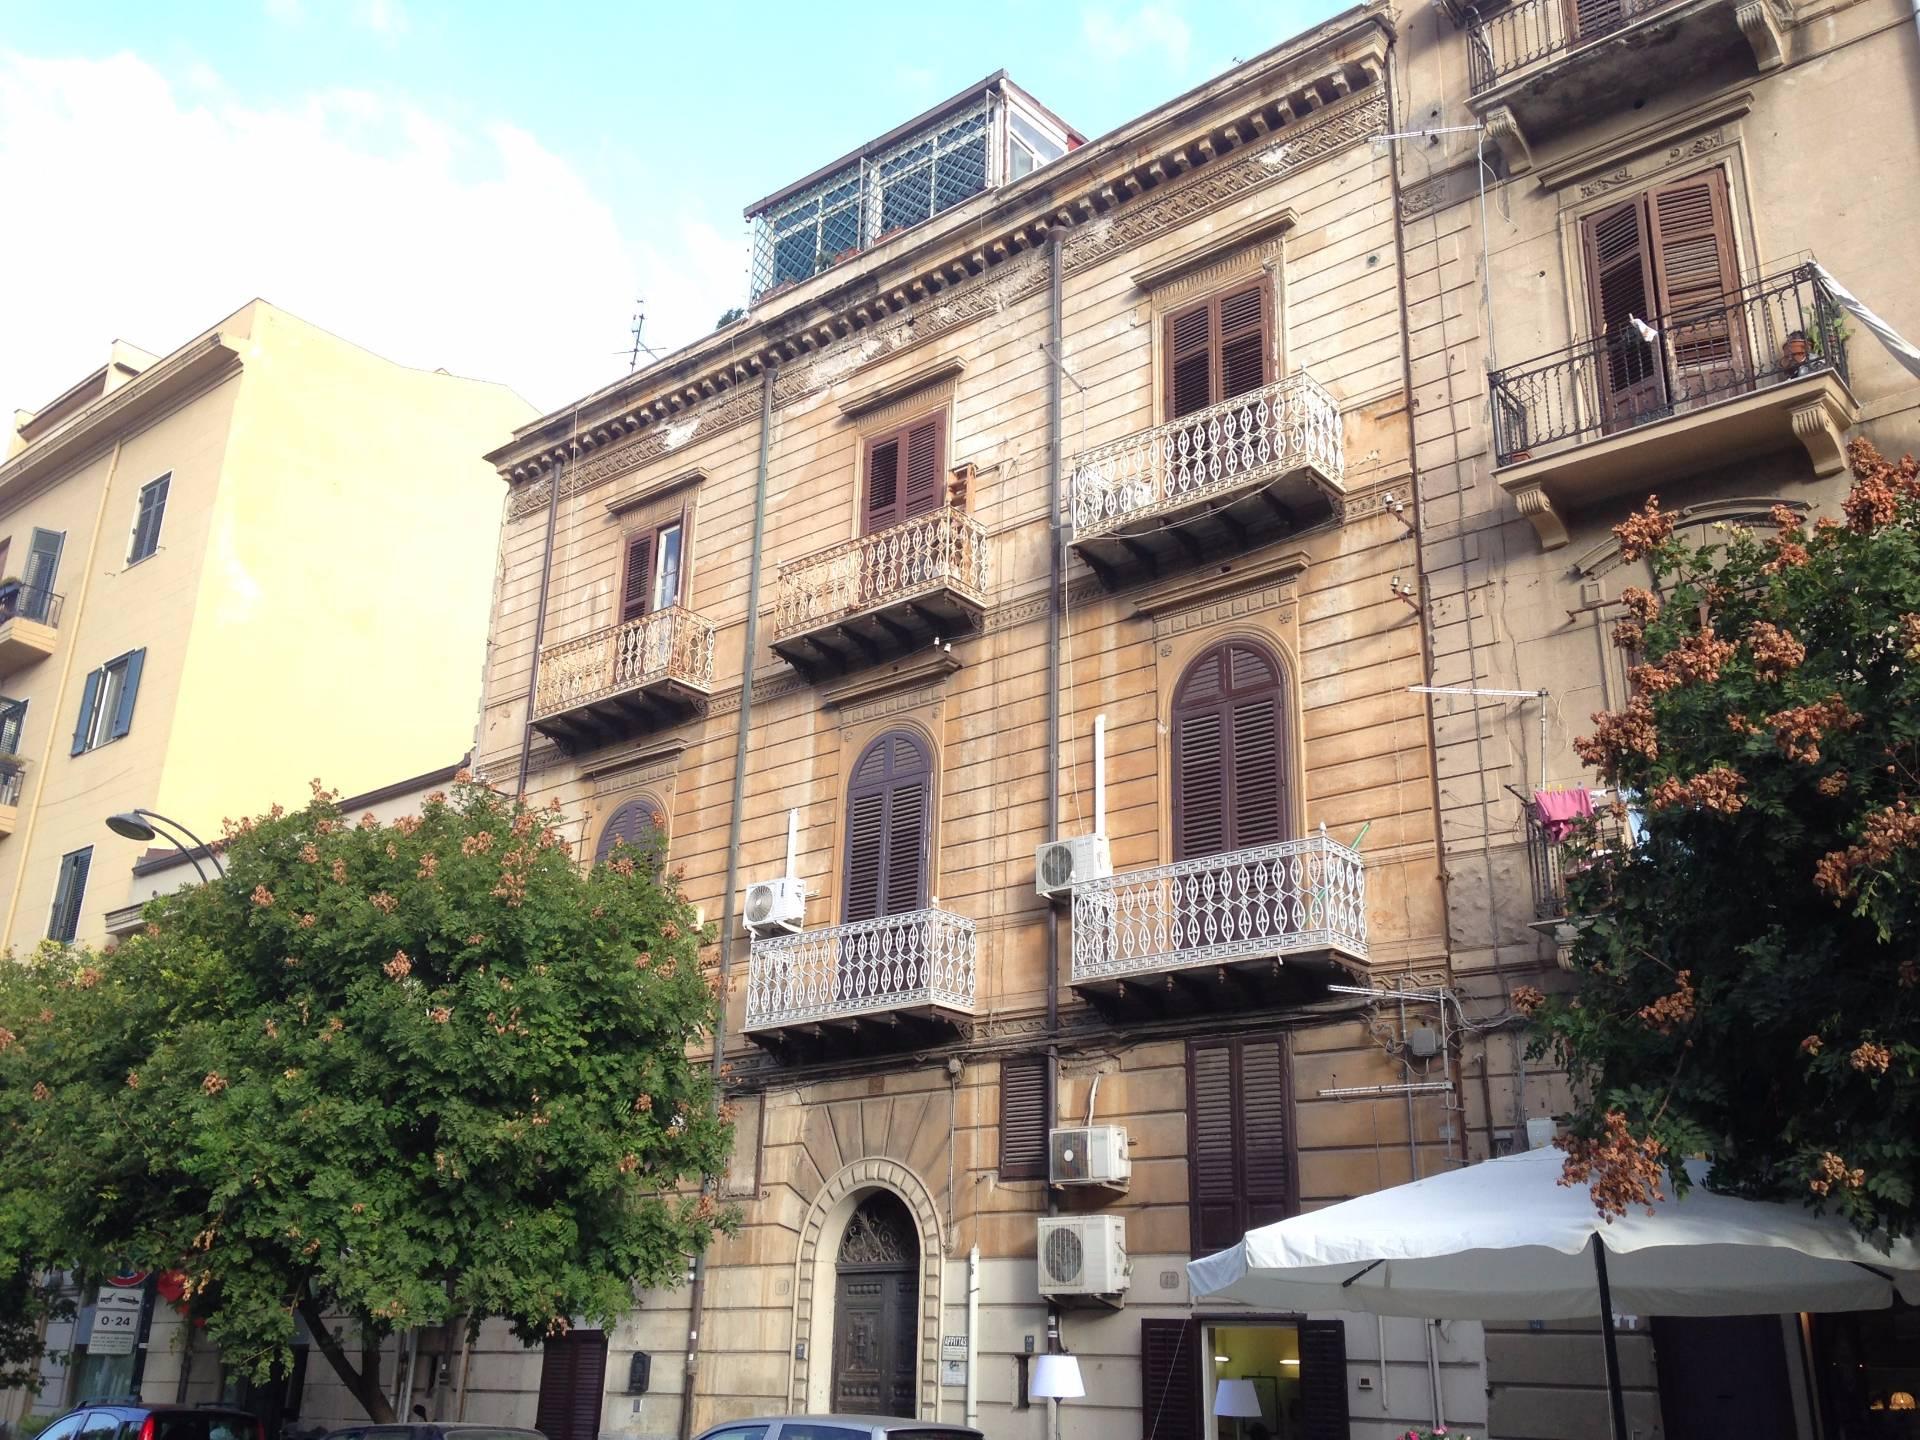 Appartamento in affitto a Palermo, 2 locali, zona Zona: Libertà, prezzo € 500 | CambioCasa.it